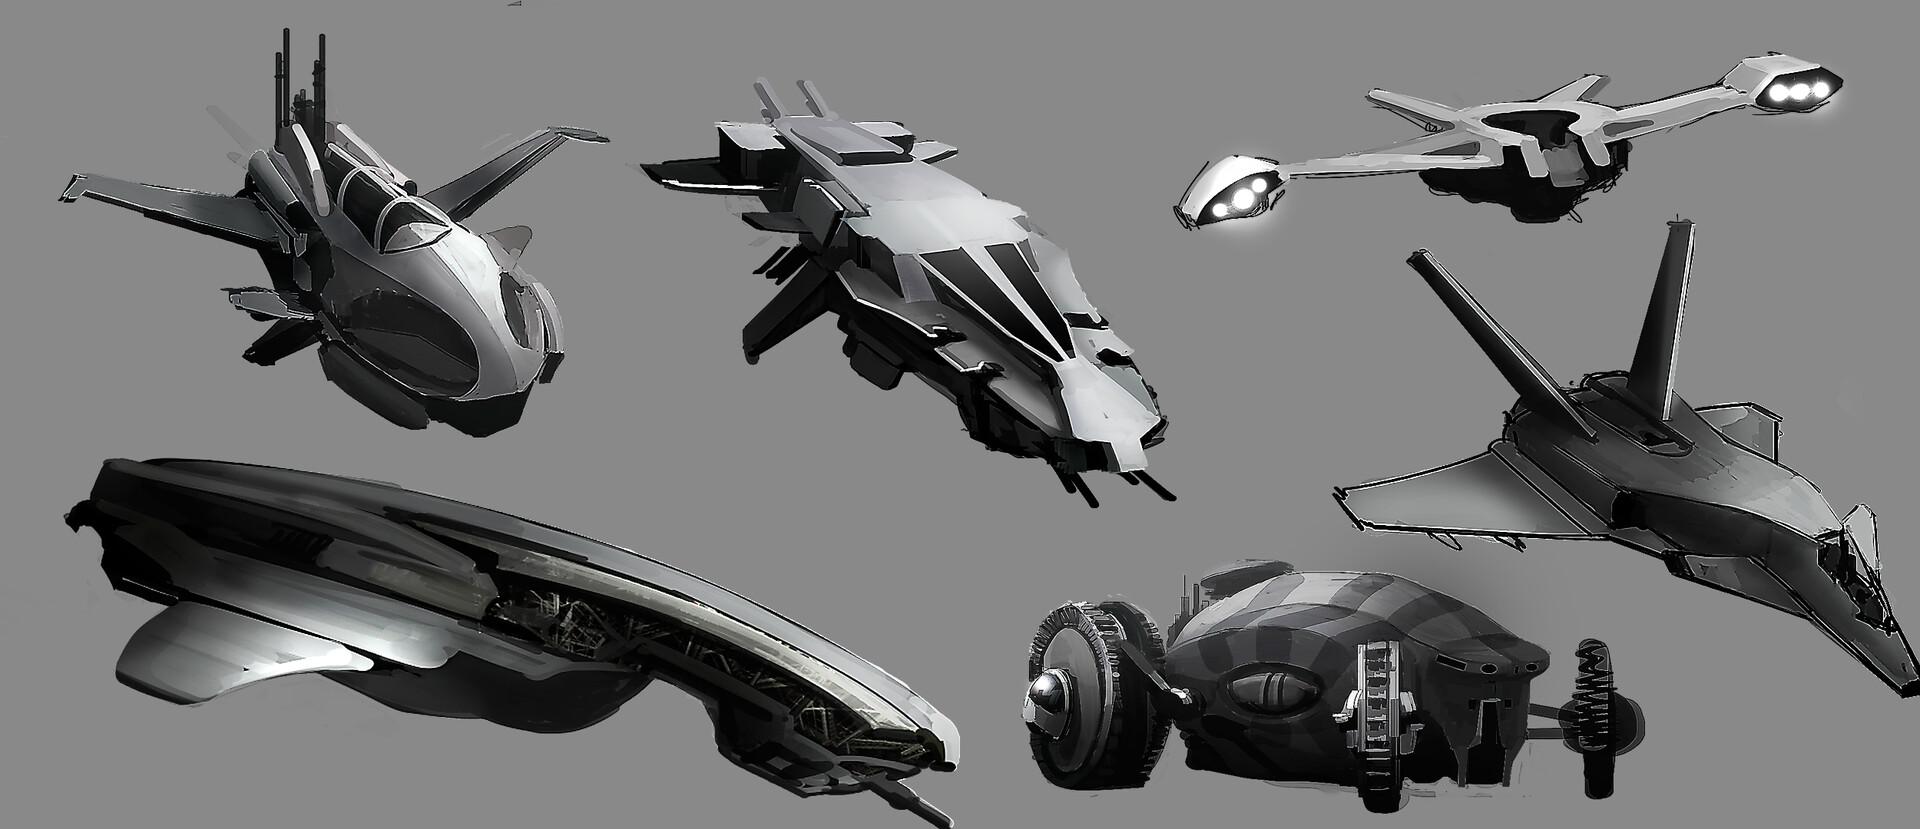 Nicolas chacin nicolaschacin spaceships thumbs